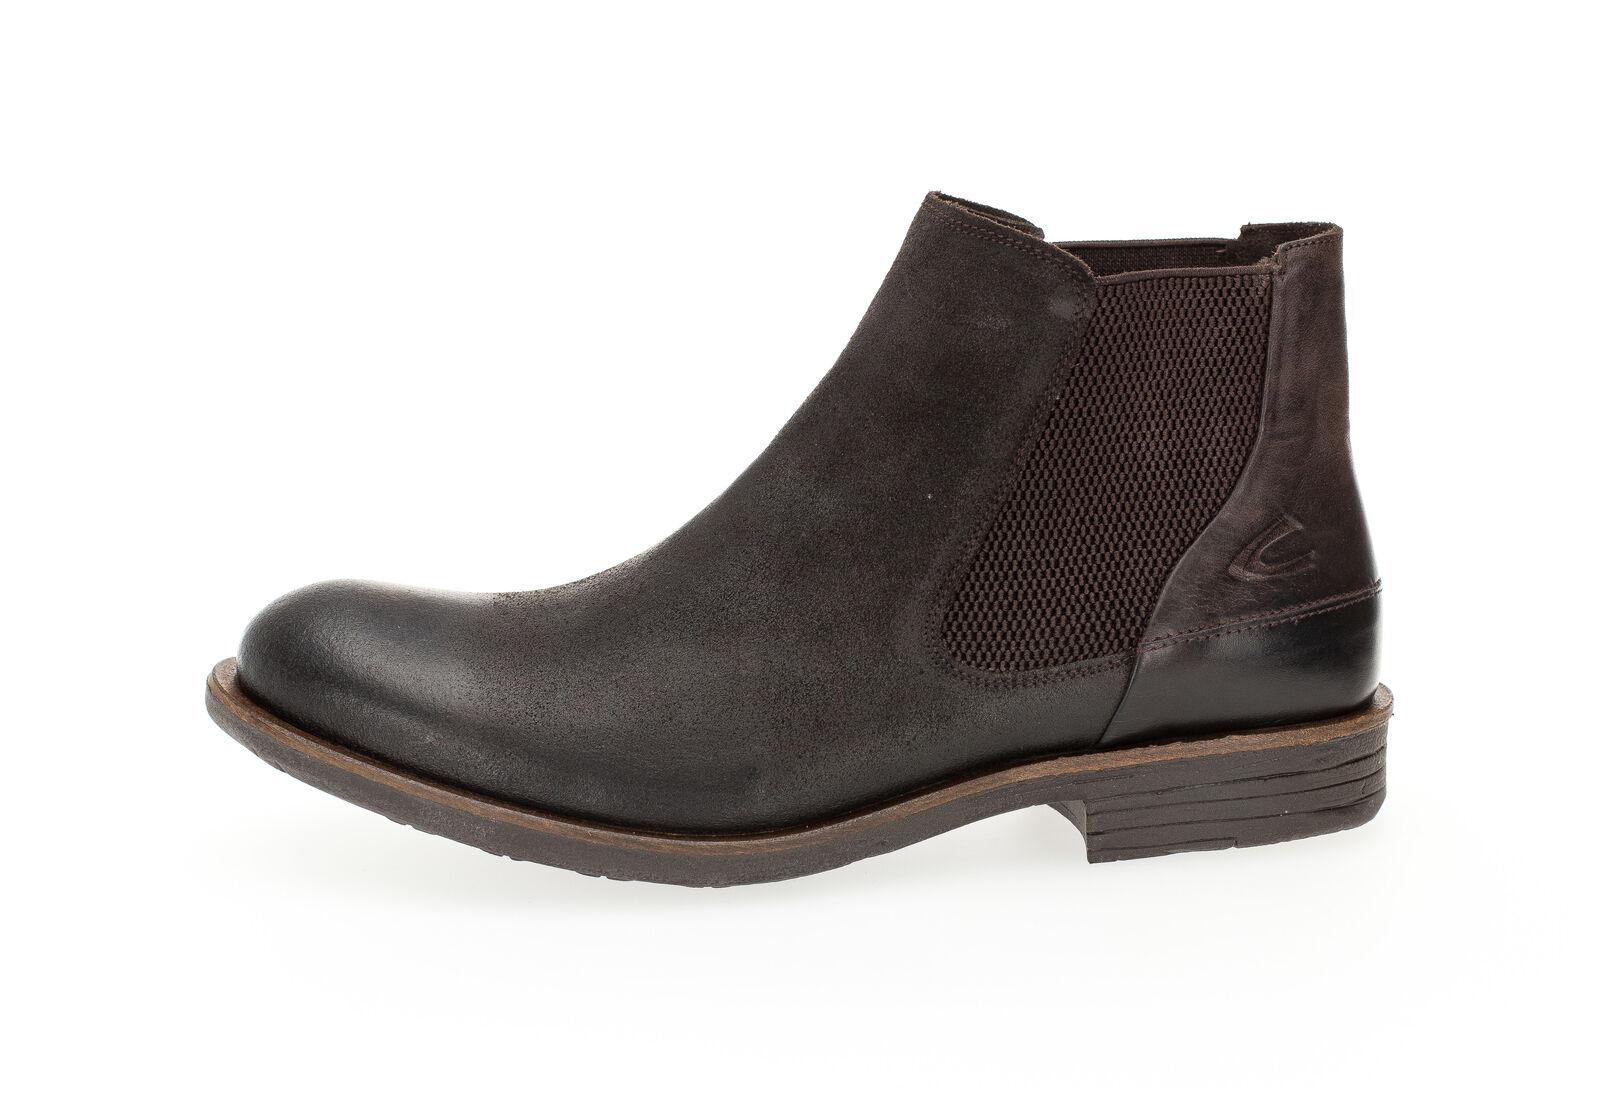 fff9ae4a424 Camel Active zapato Check chelsea bote zapato de cuero marrón NUEVO señores  13 prycip1607-Botas